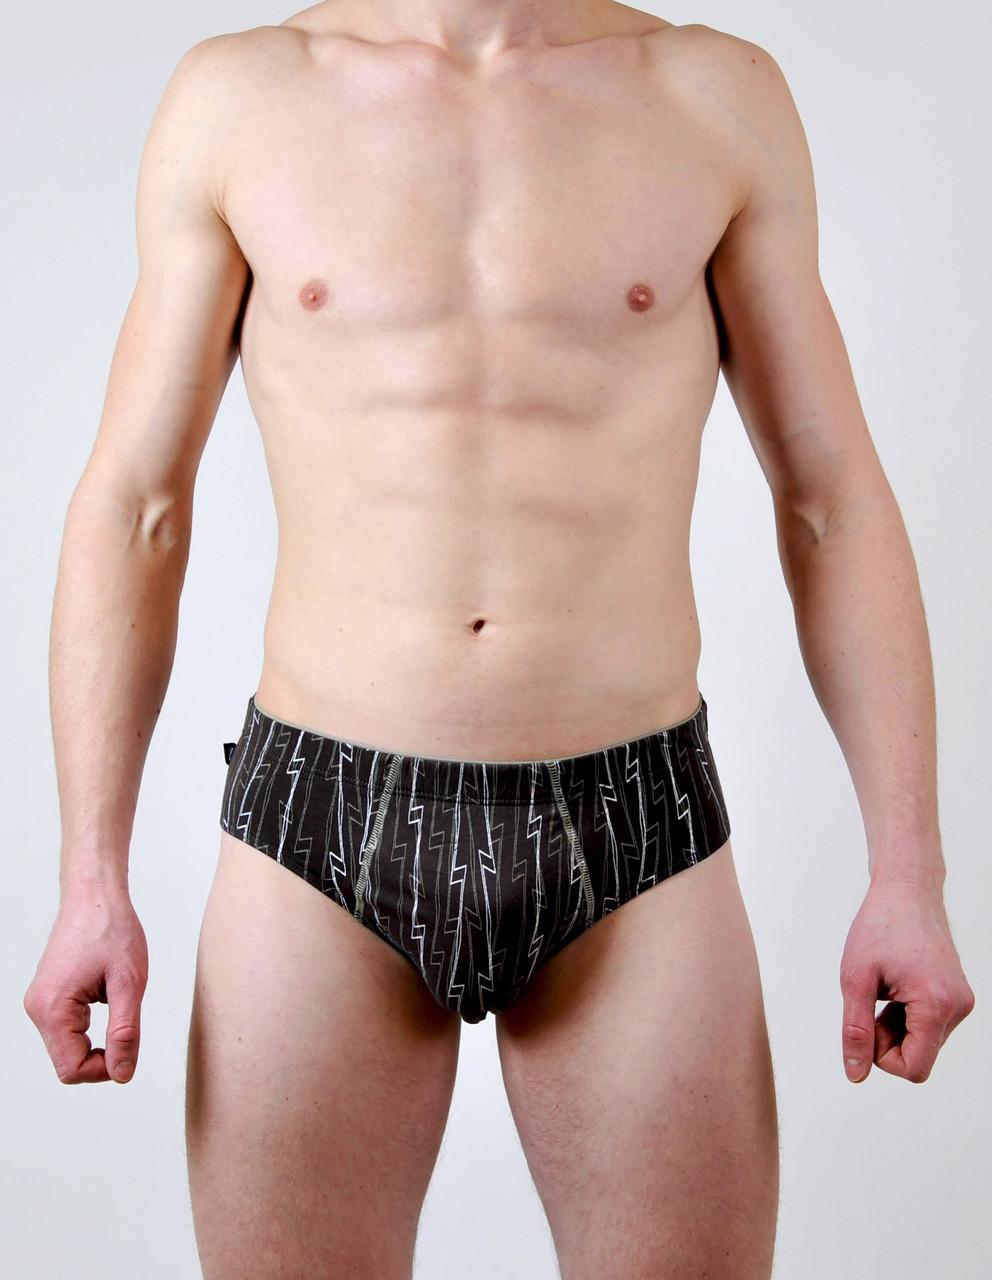 Мужские трусы - слип C+3 #195 L коричневые